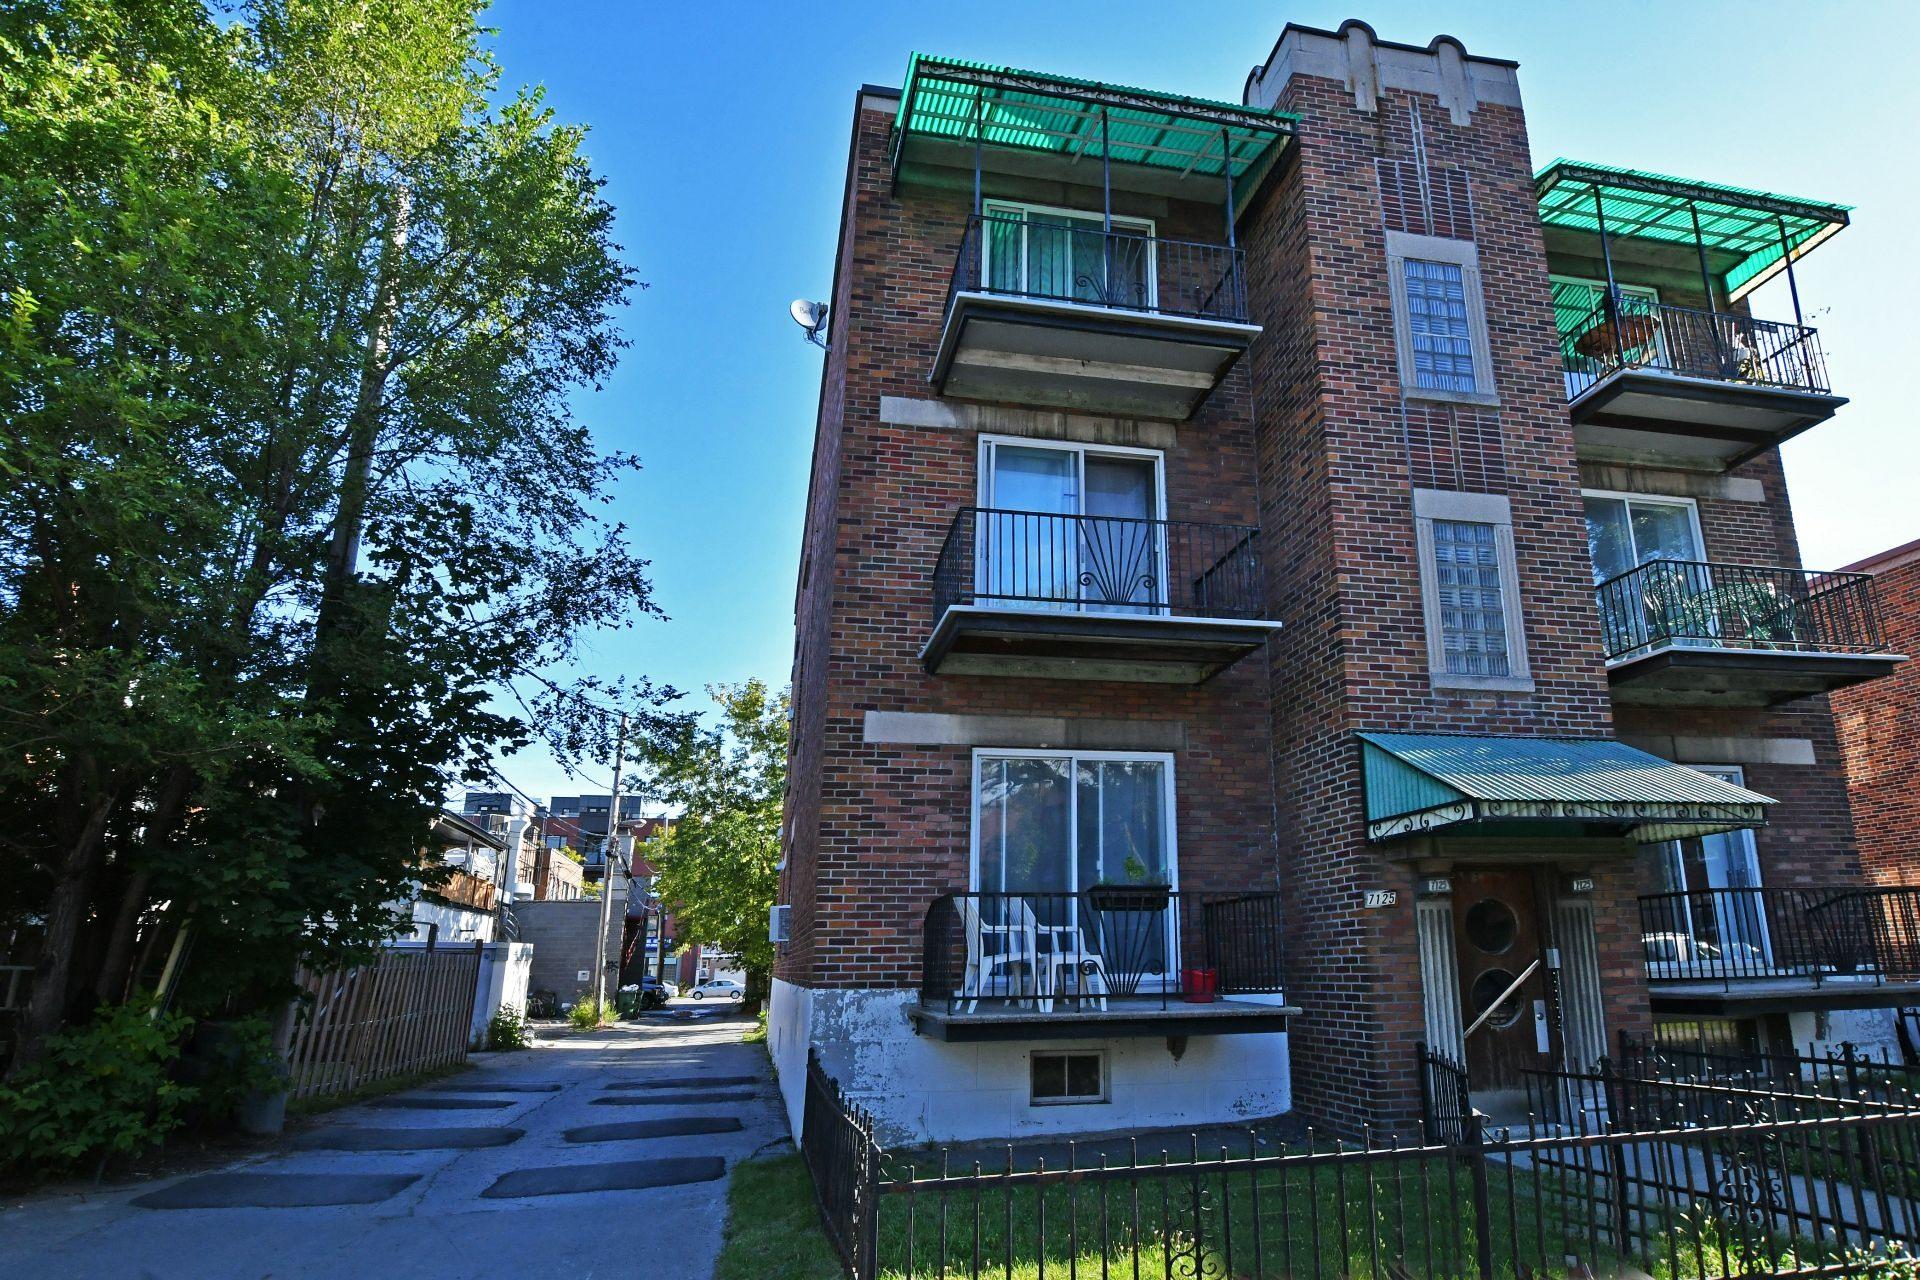 image 12 - Immeuble à revenus À vendre Villeray/Saint-Michel/Parc-Extension Montréal  - 4 pièces